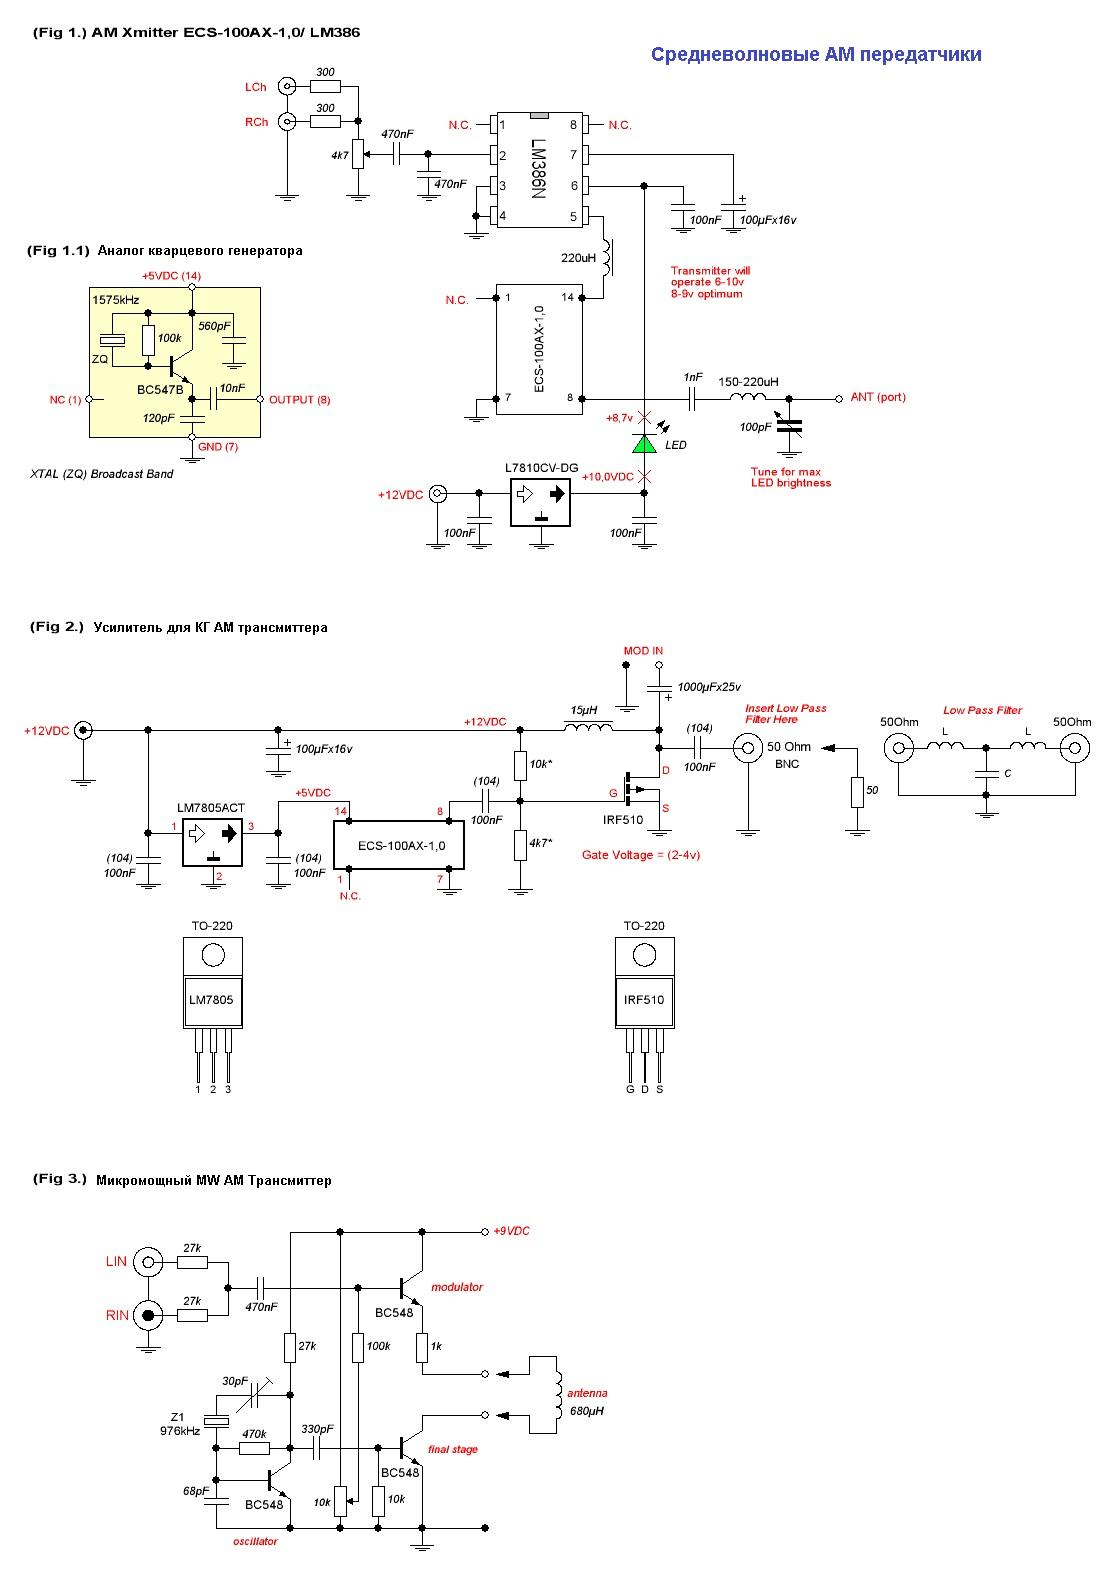 схема простого передатчика ам на одном транзисторе